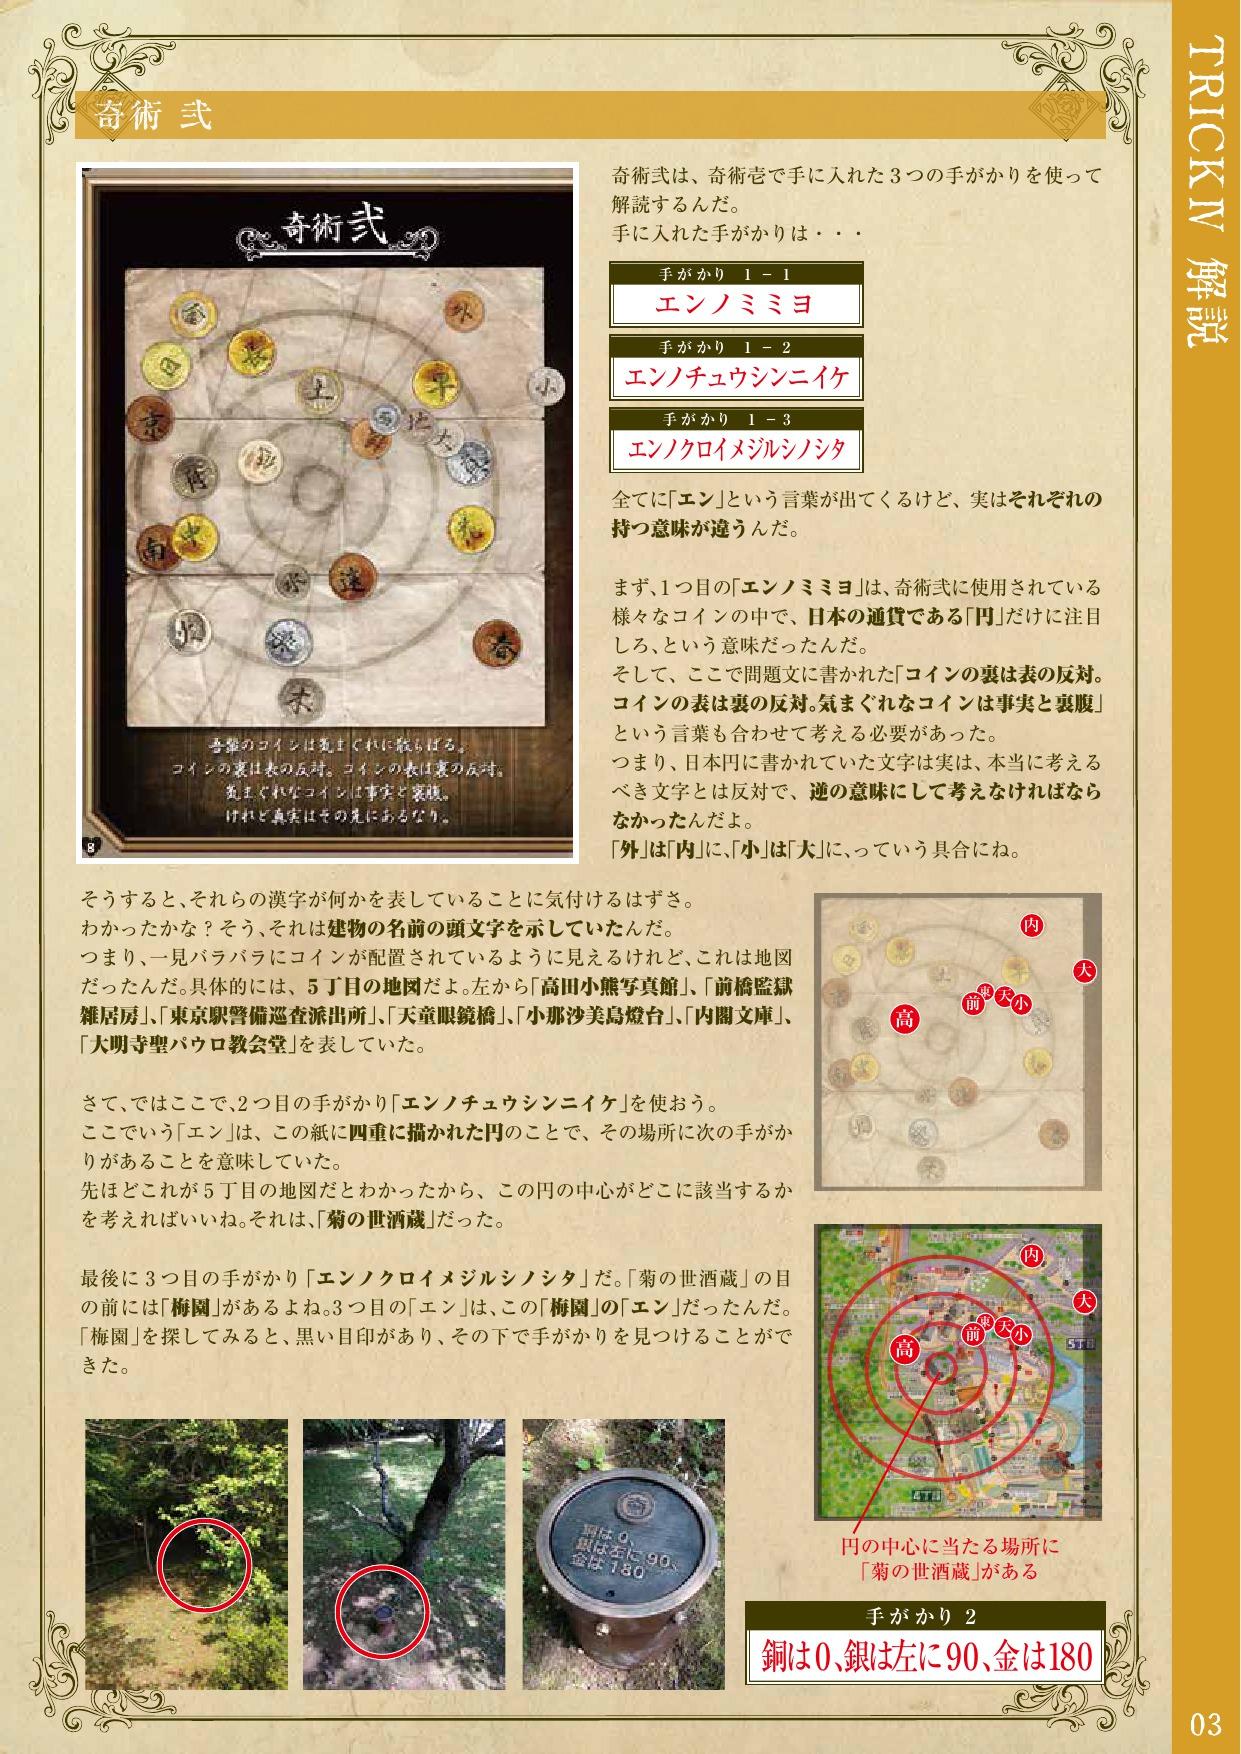 明治村探検隊のトリックⅣの解答 (3)